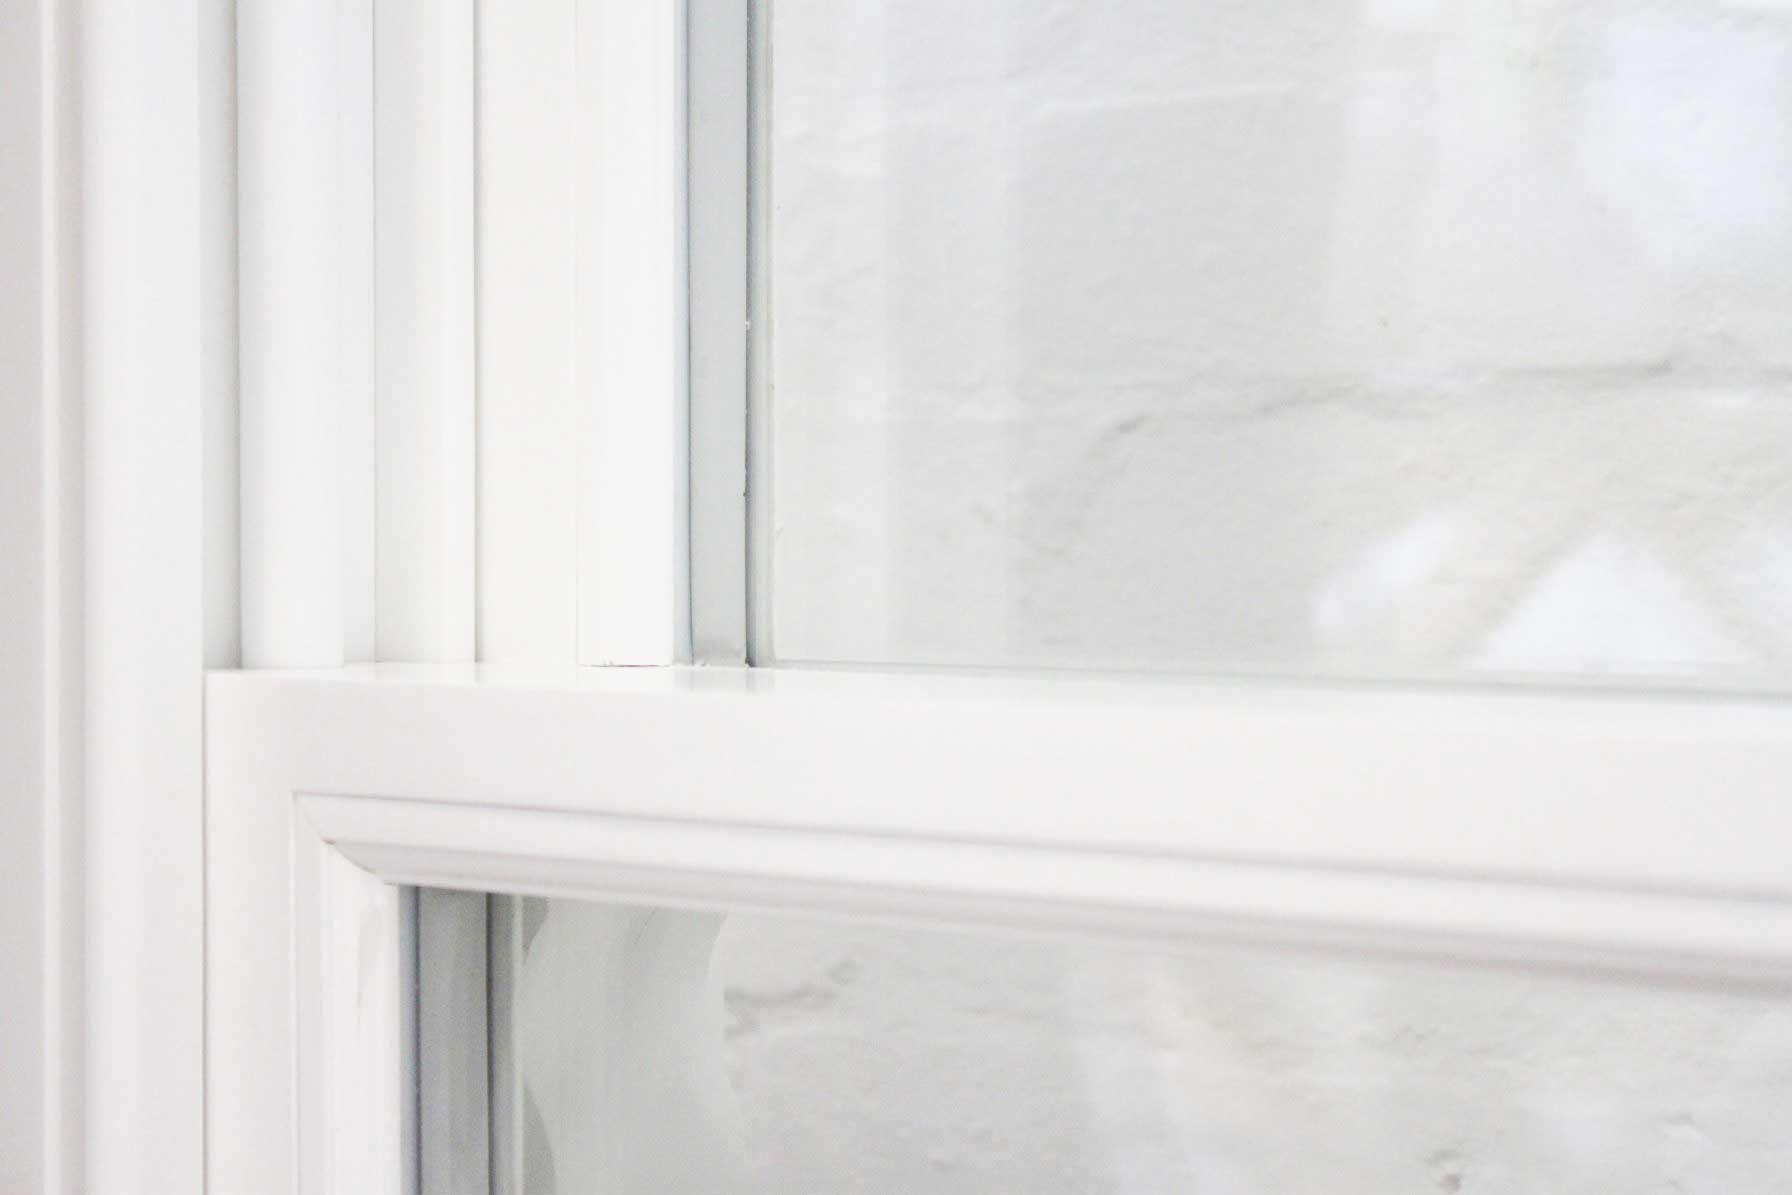 double glazed casement window glazing